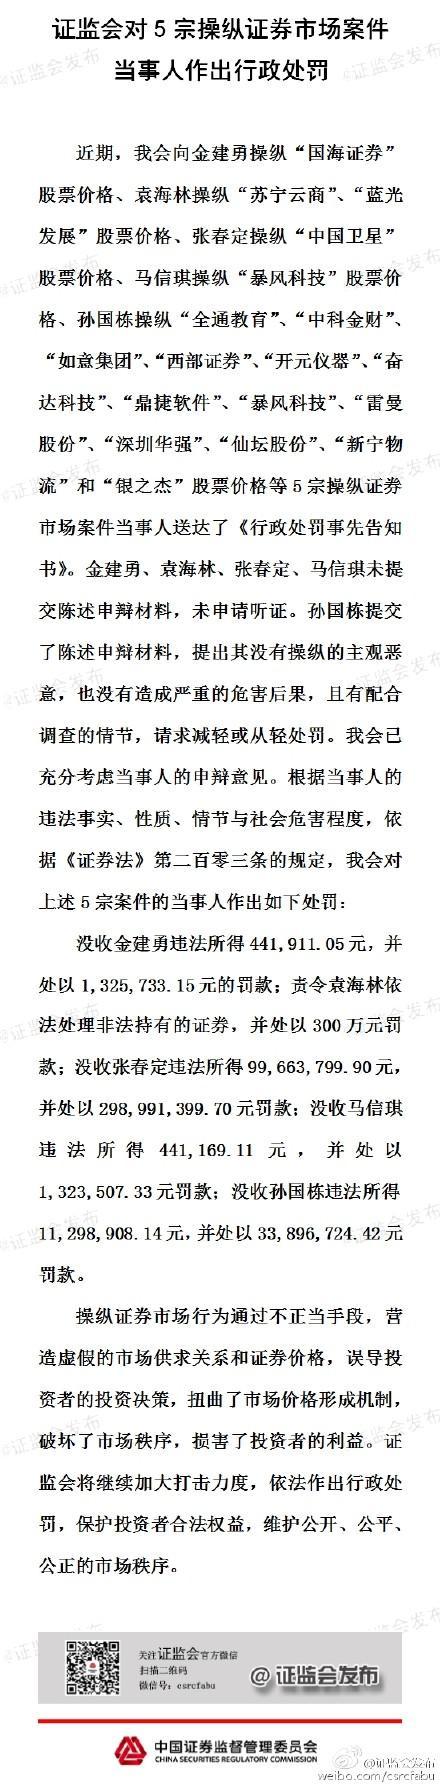 证监会捉拿妖股:张春定操纵中国卫星股价被罚没近4亿元